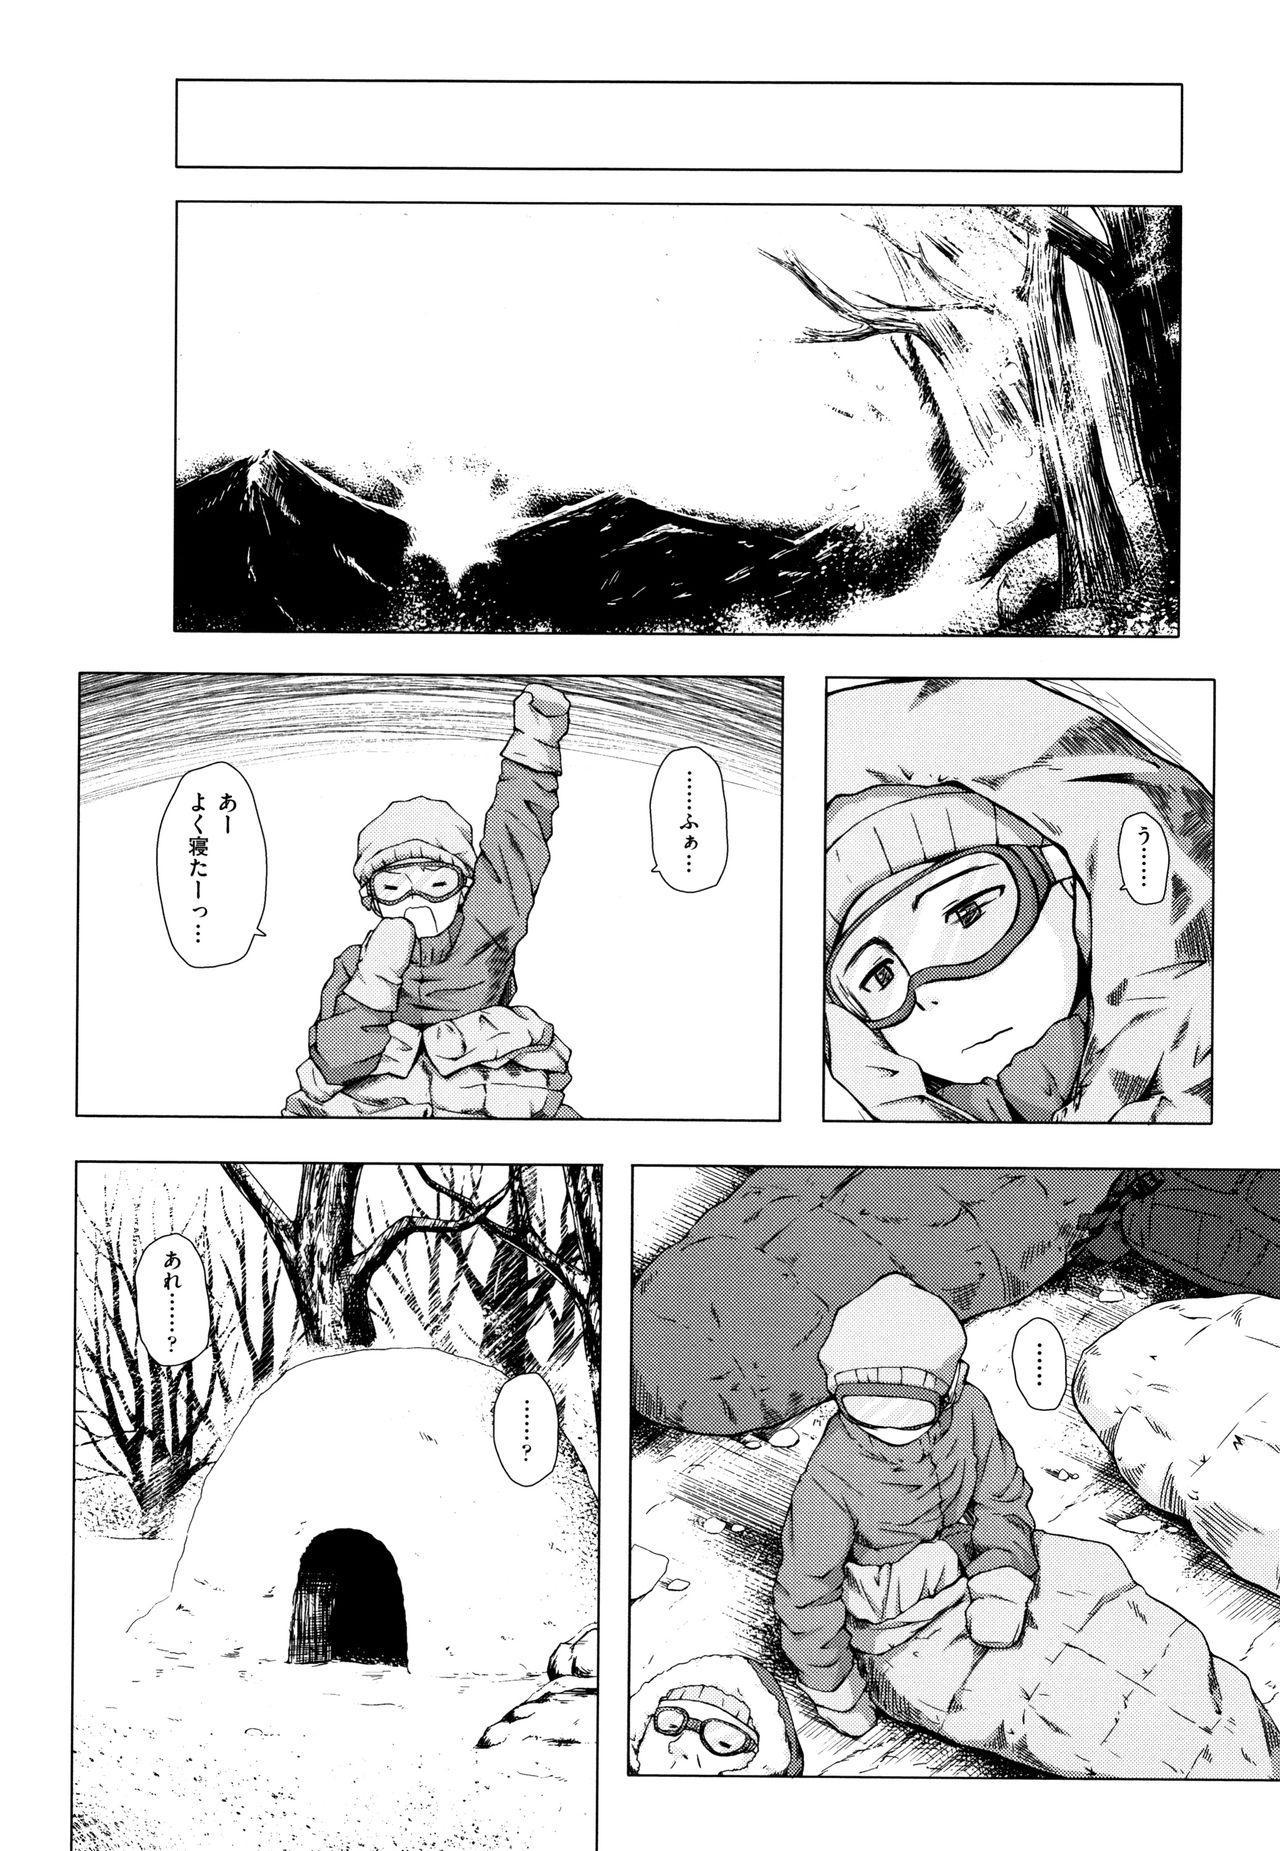 Monokemono 178